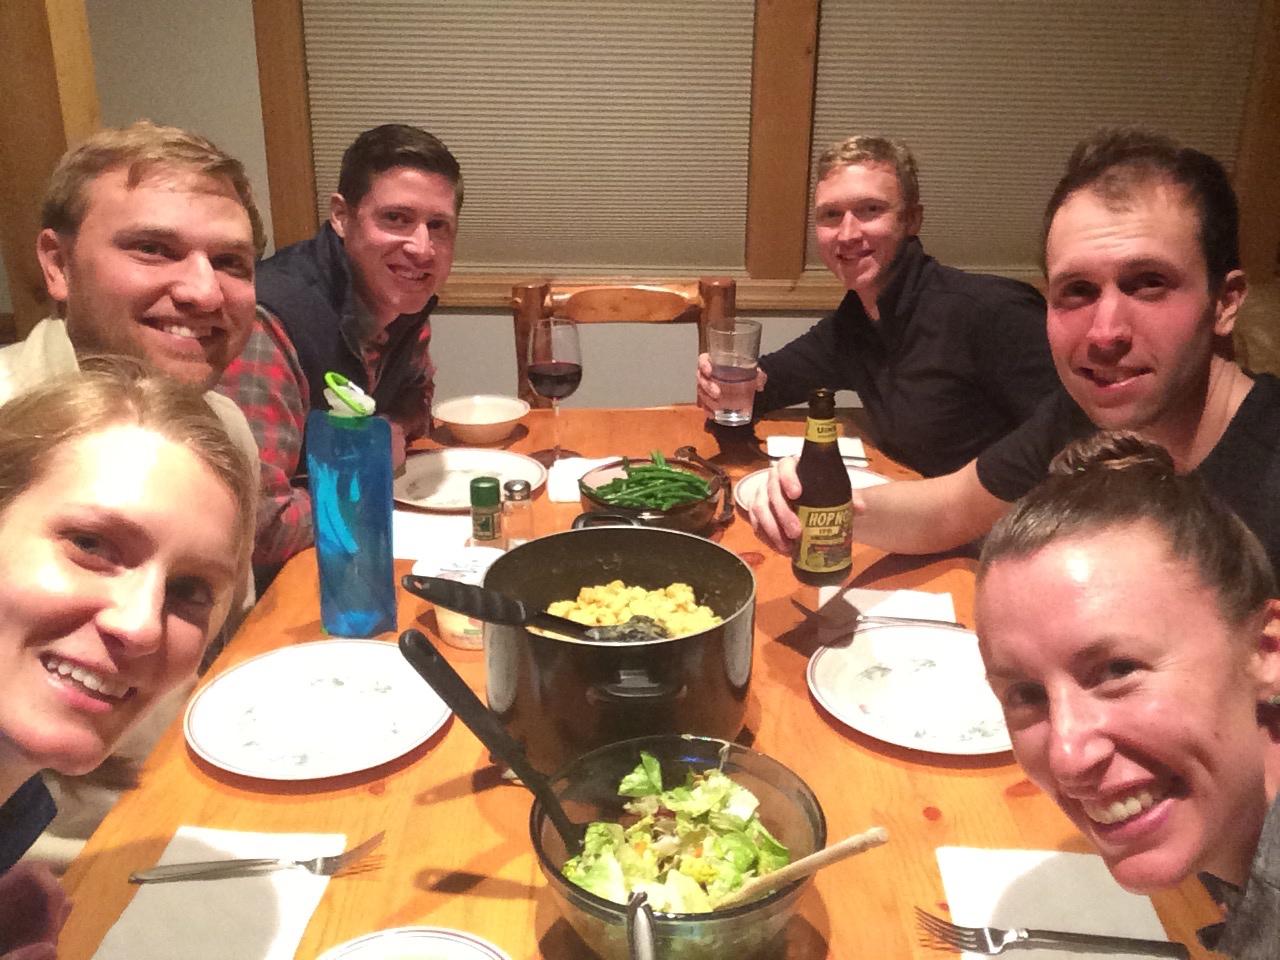 the gang at brighton ski resort